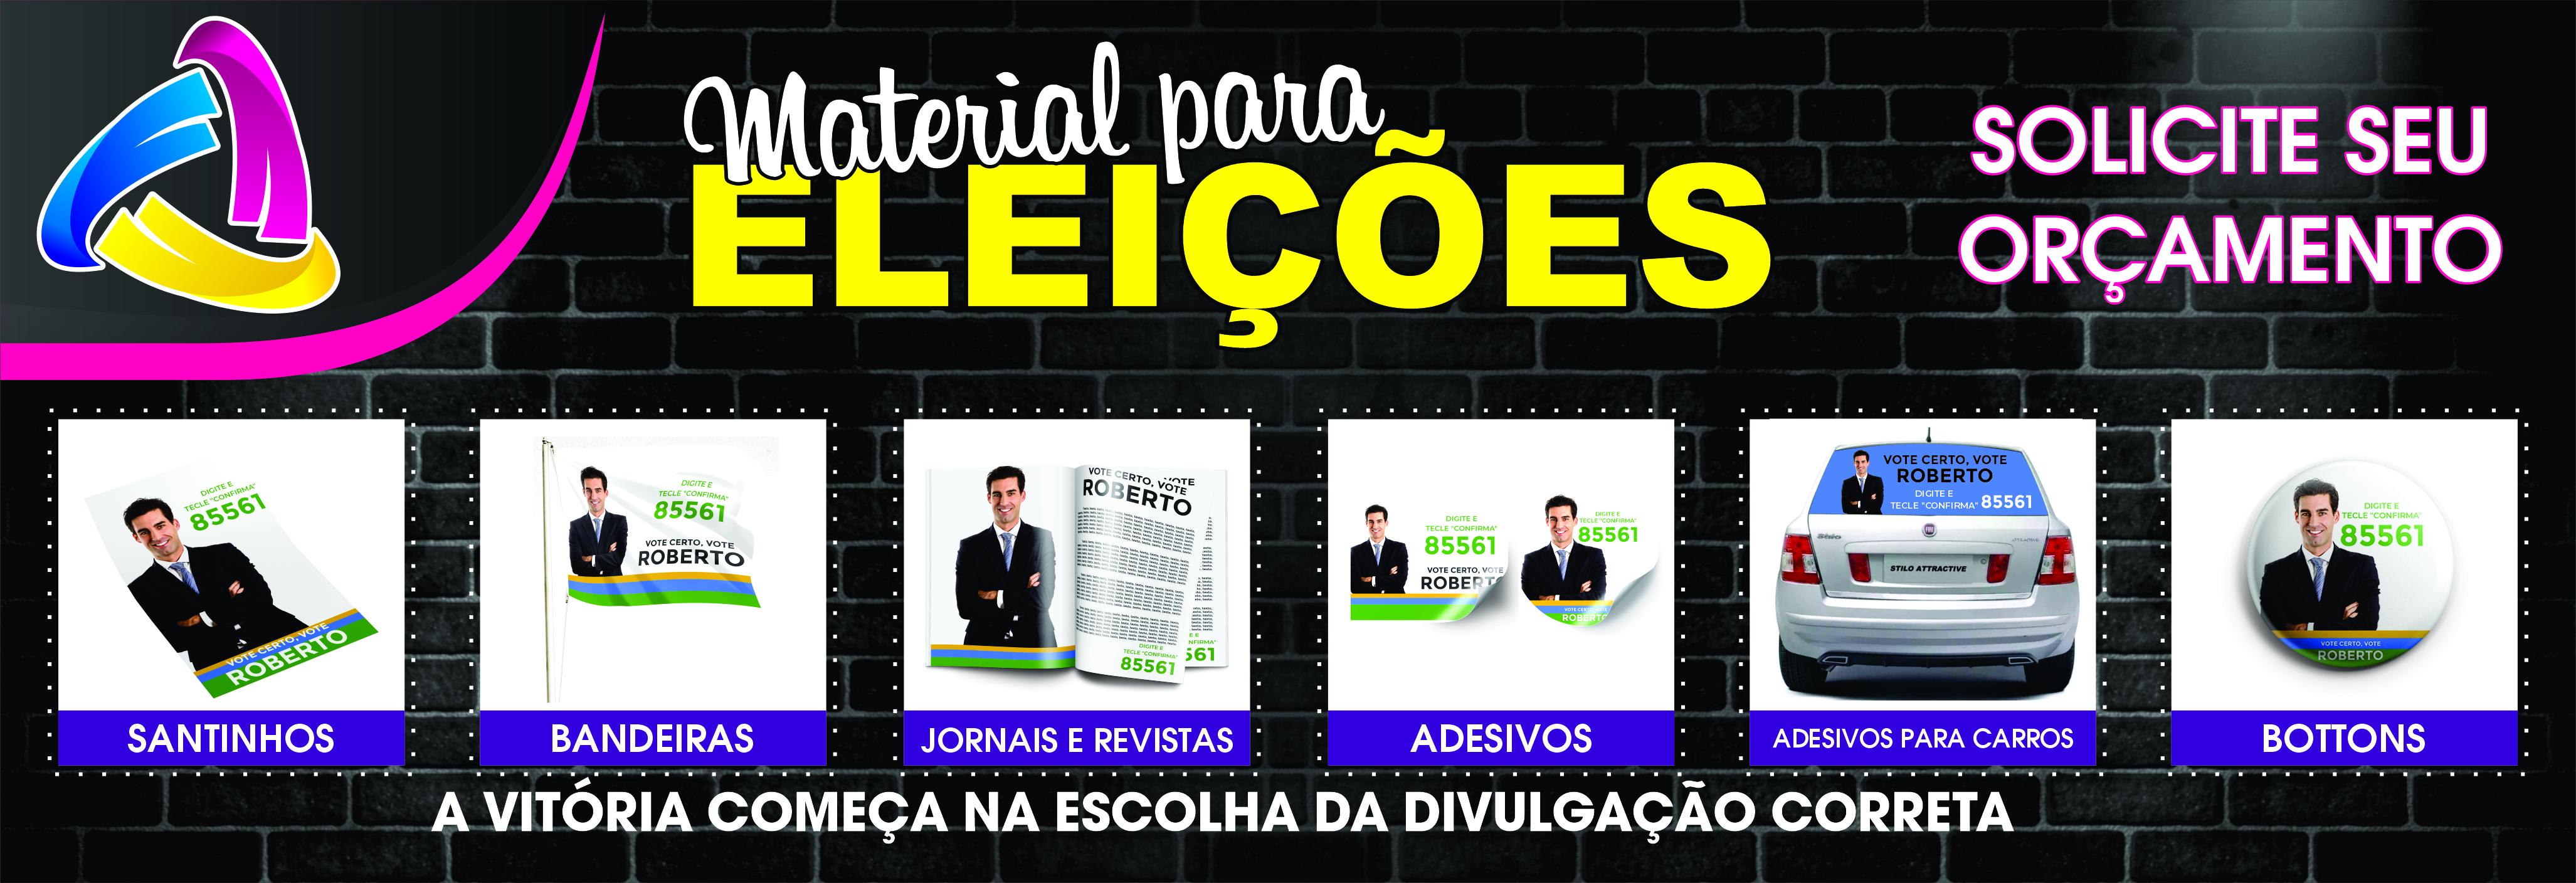 Telas_Site_ELEIÇÕES